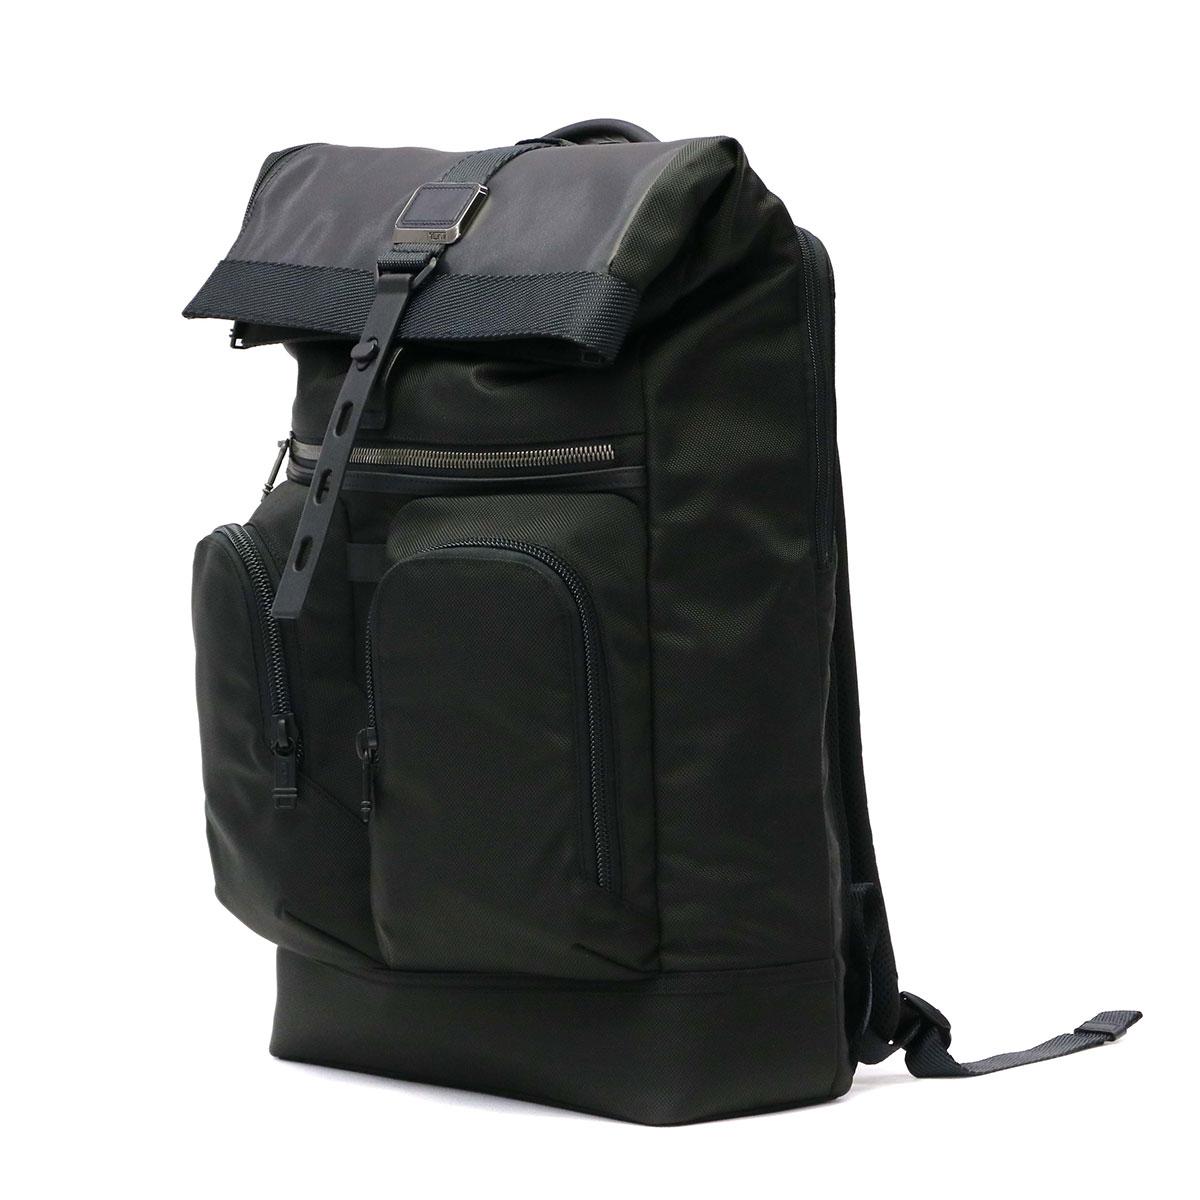 2fbd348eb96 TUMI ALPHA BRAVO Rucksack London Roll-Top Backpack TUMI JAPAN PC storage  232388